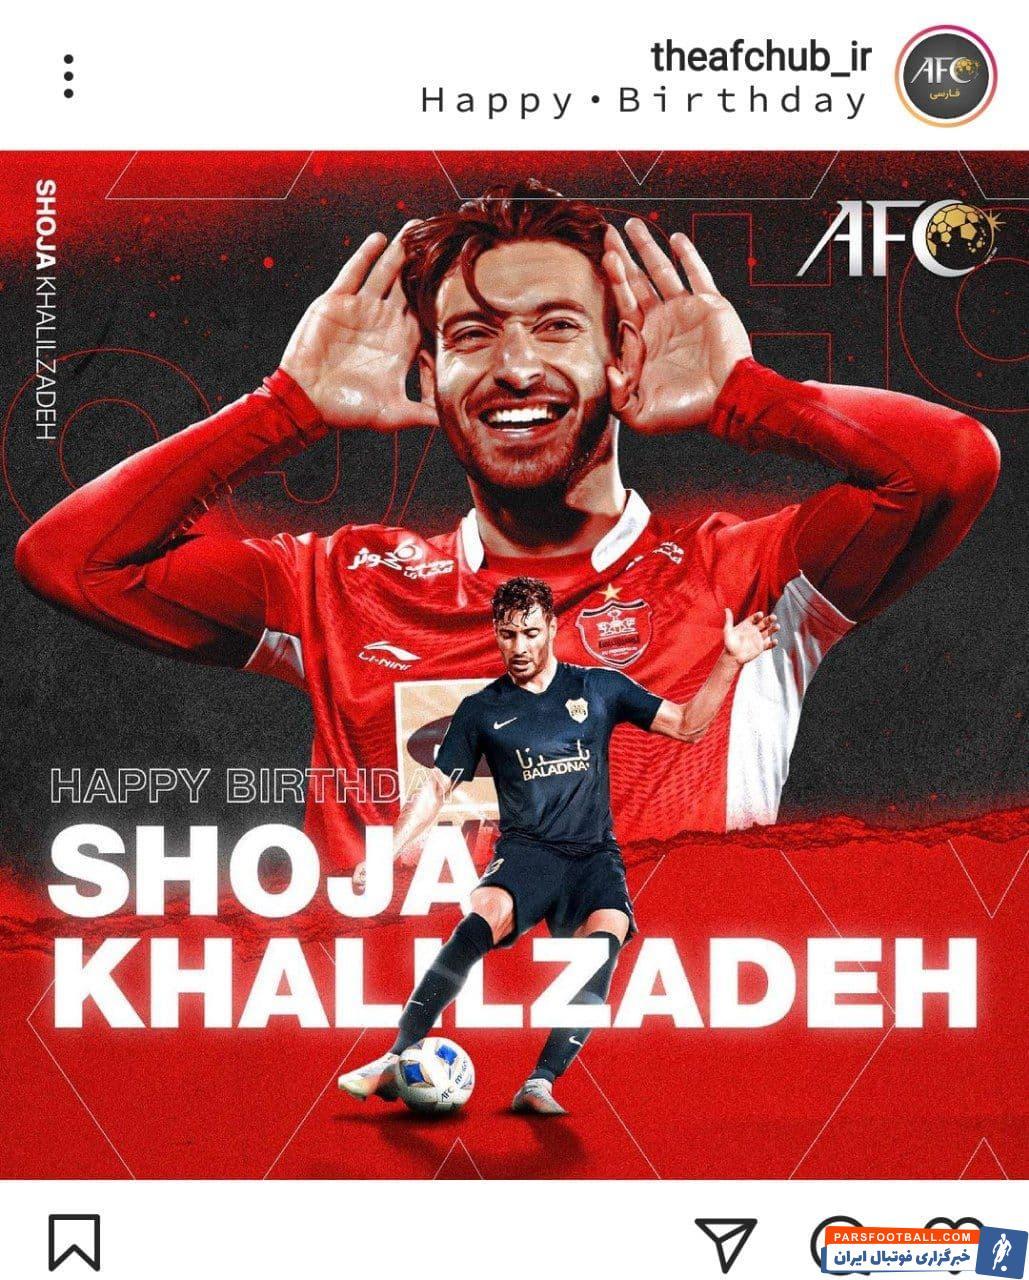 تبریک تولد شجاع خلیل زاده توسط صفحه فارسی اینستاگرام رسمی AFC